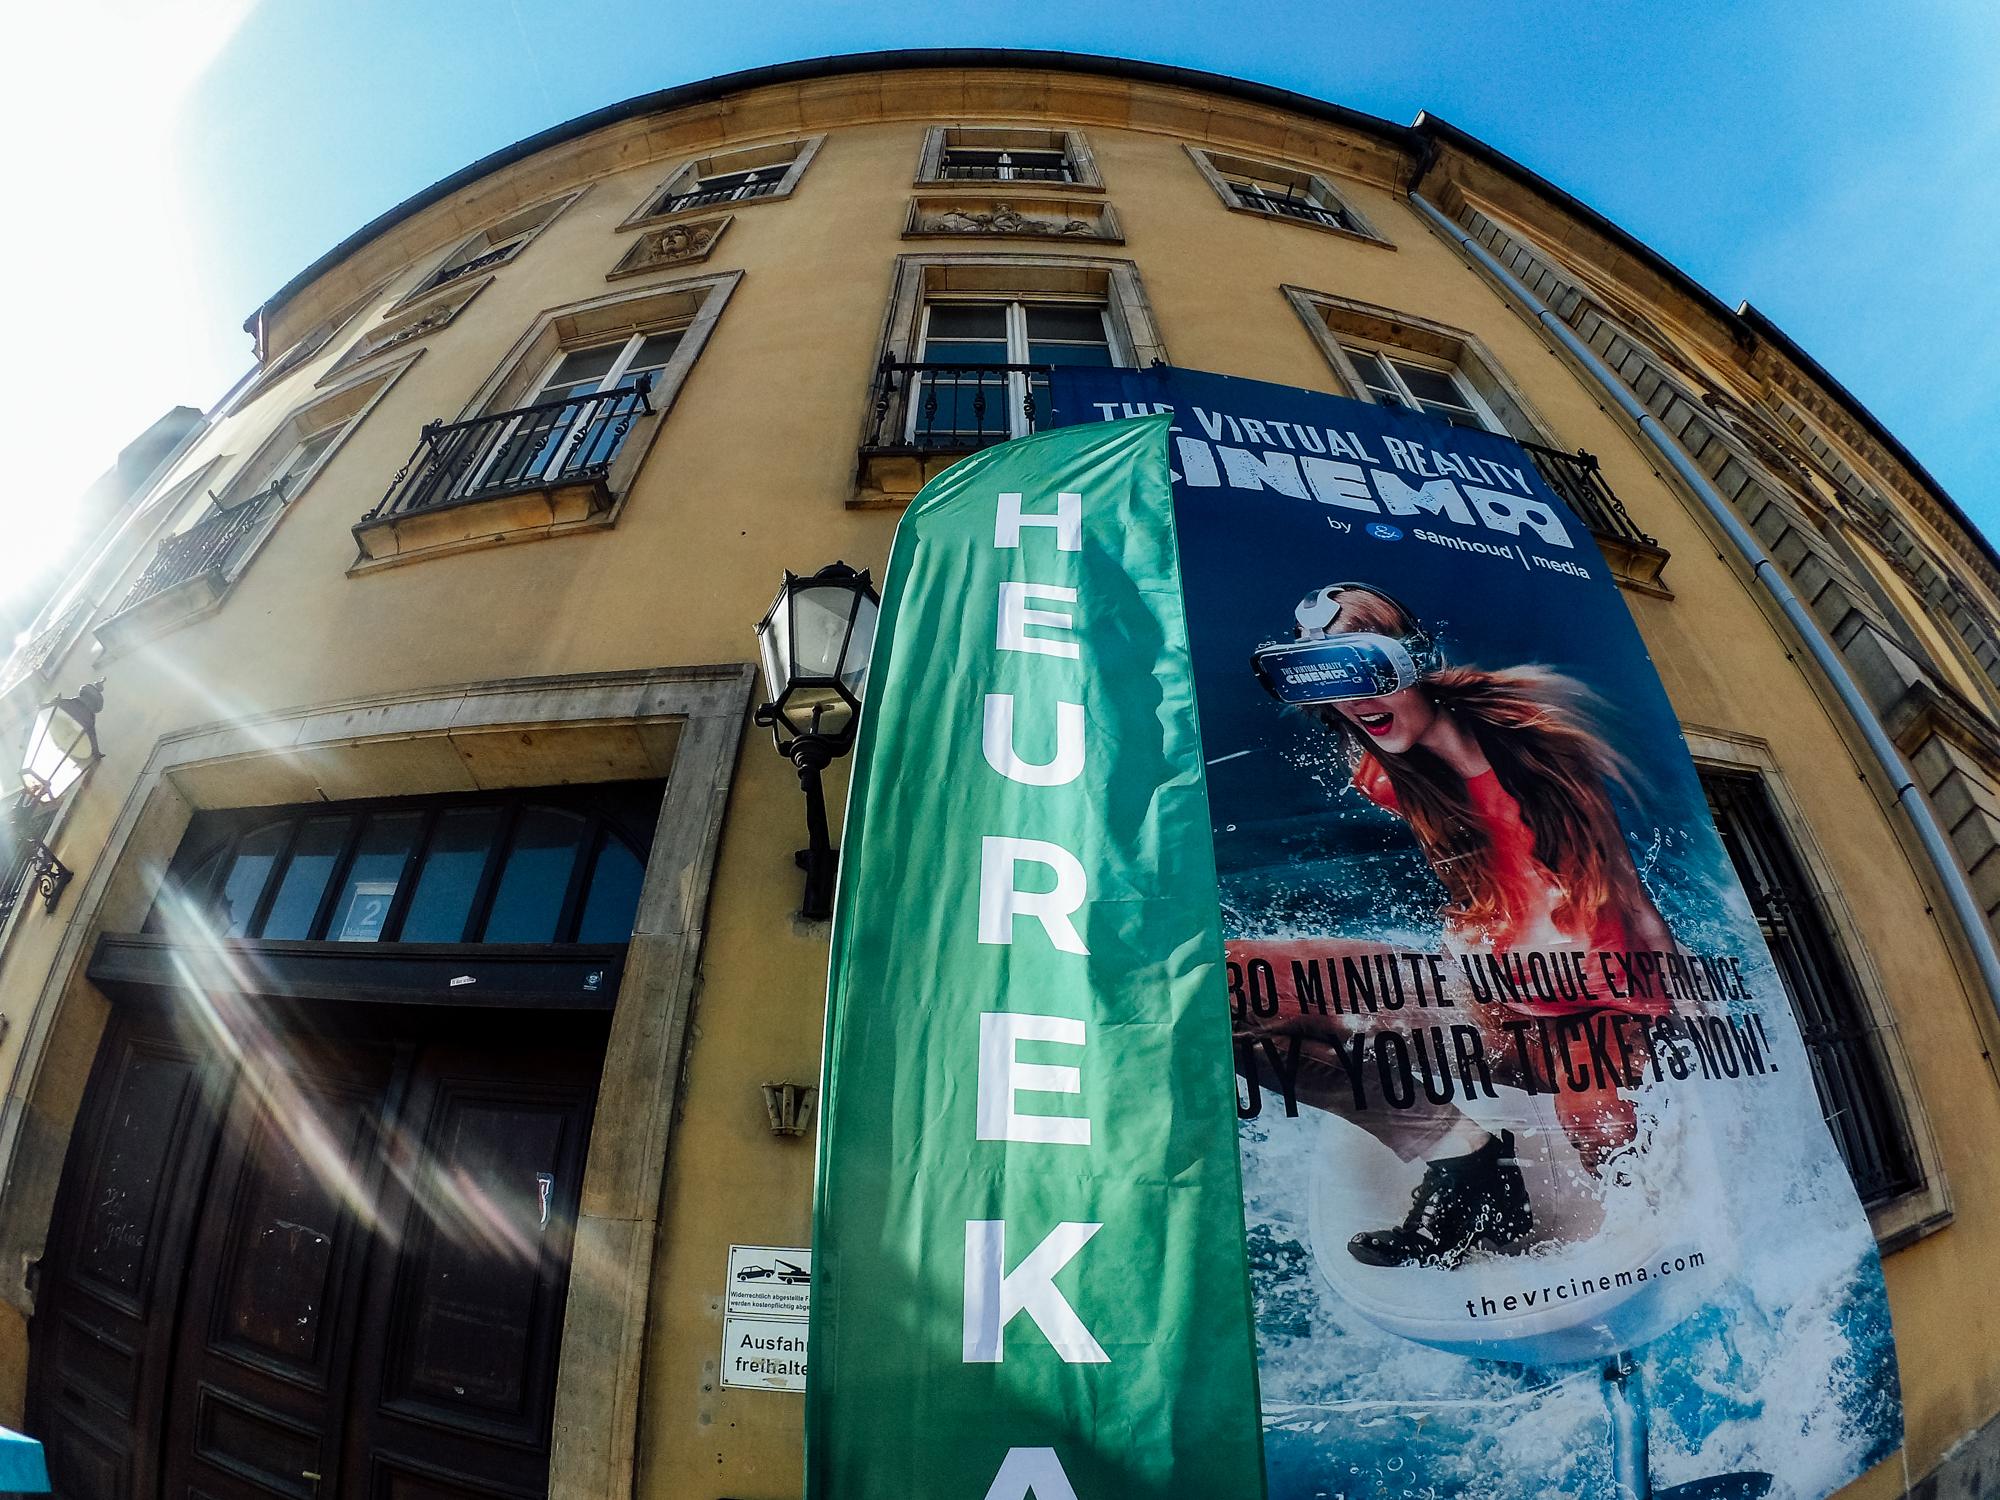 Event report Heureka at Berlin Web Week 2016 in Berlin, Germany.